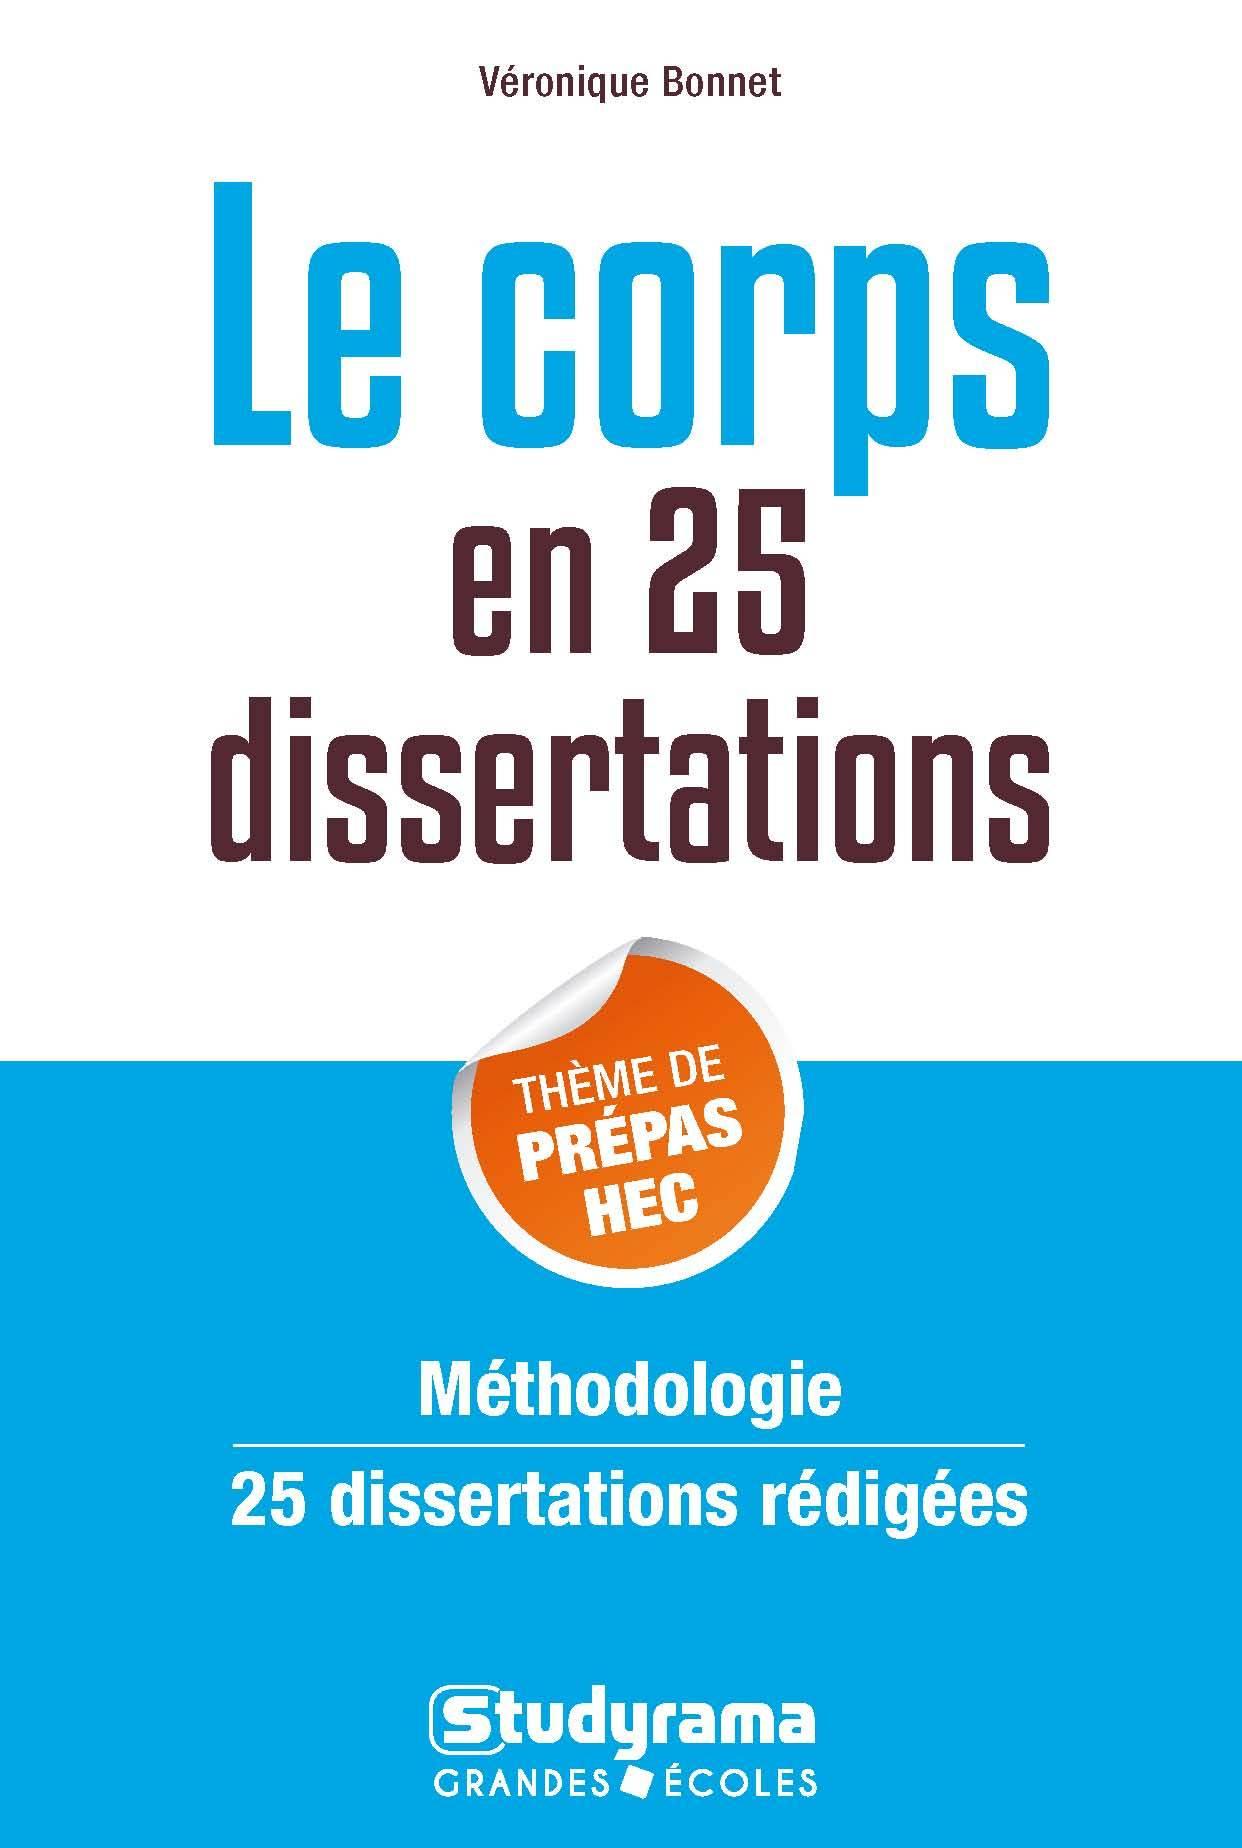 CORPS EN 25 DISSERTATIONS THEMES DE PREPAS HEC (LE)